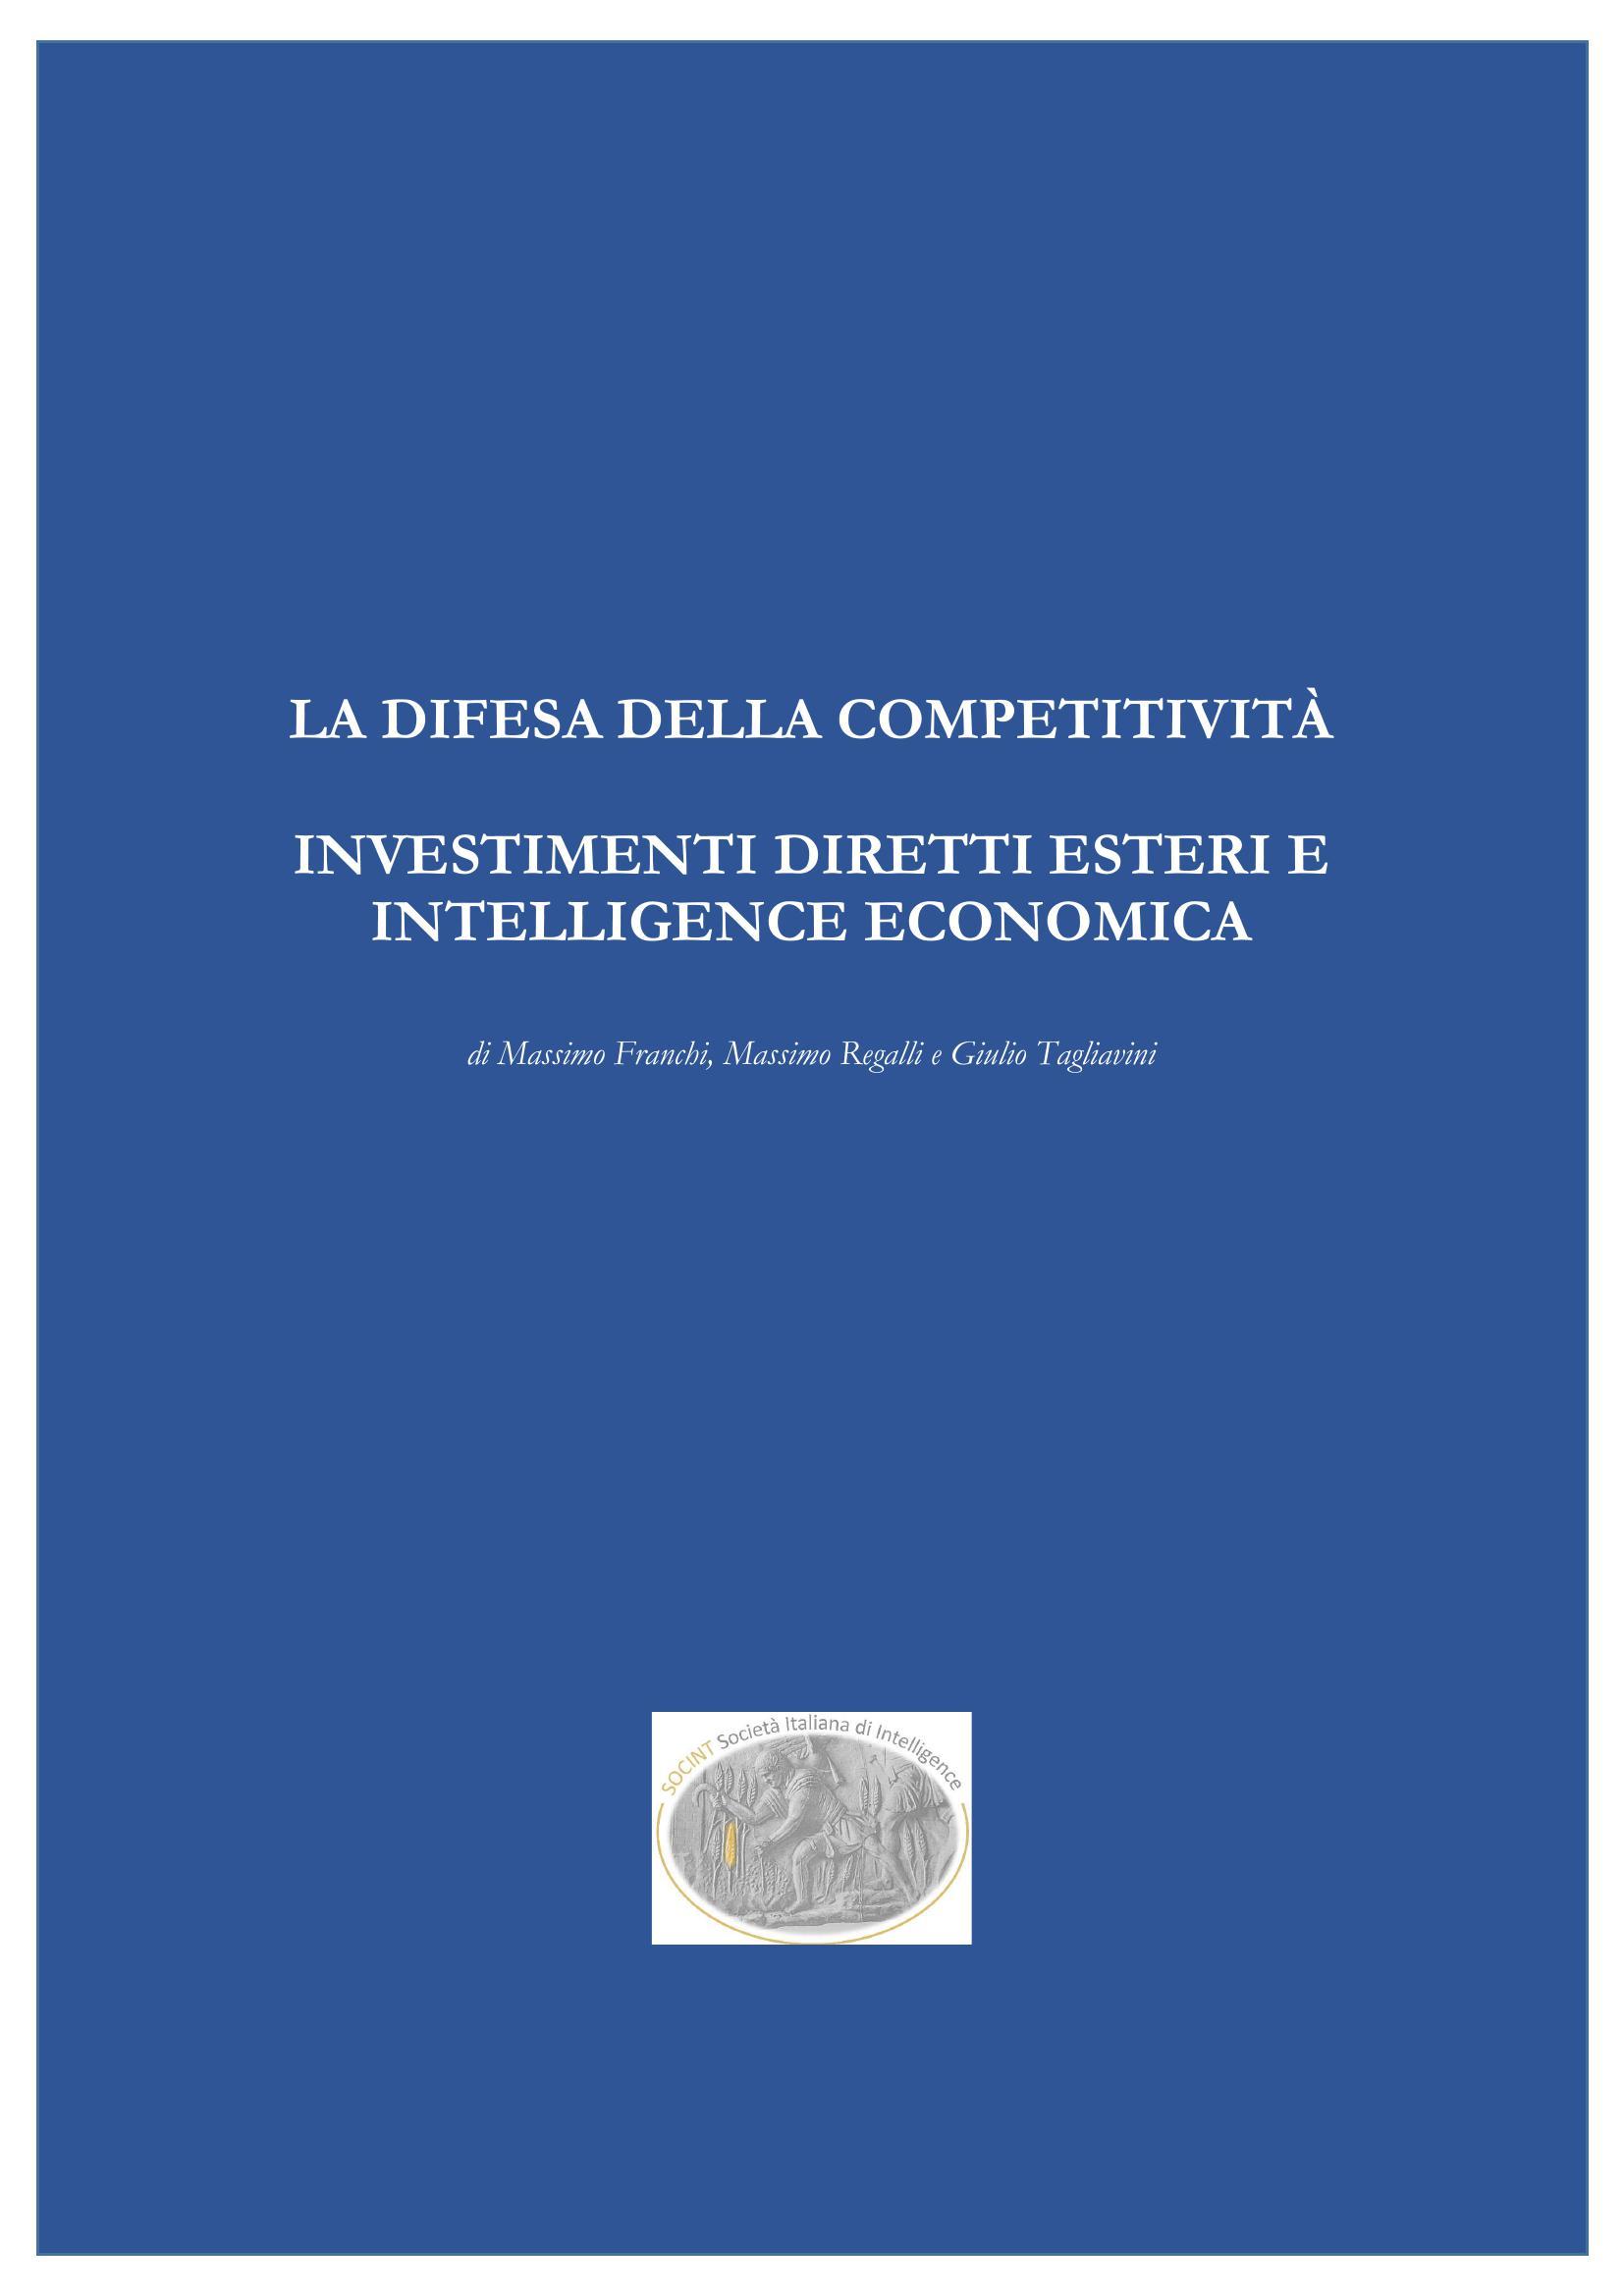 La Difesa della Competitività Investimenti Diretti Esteri e Intelligence Economica